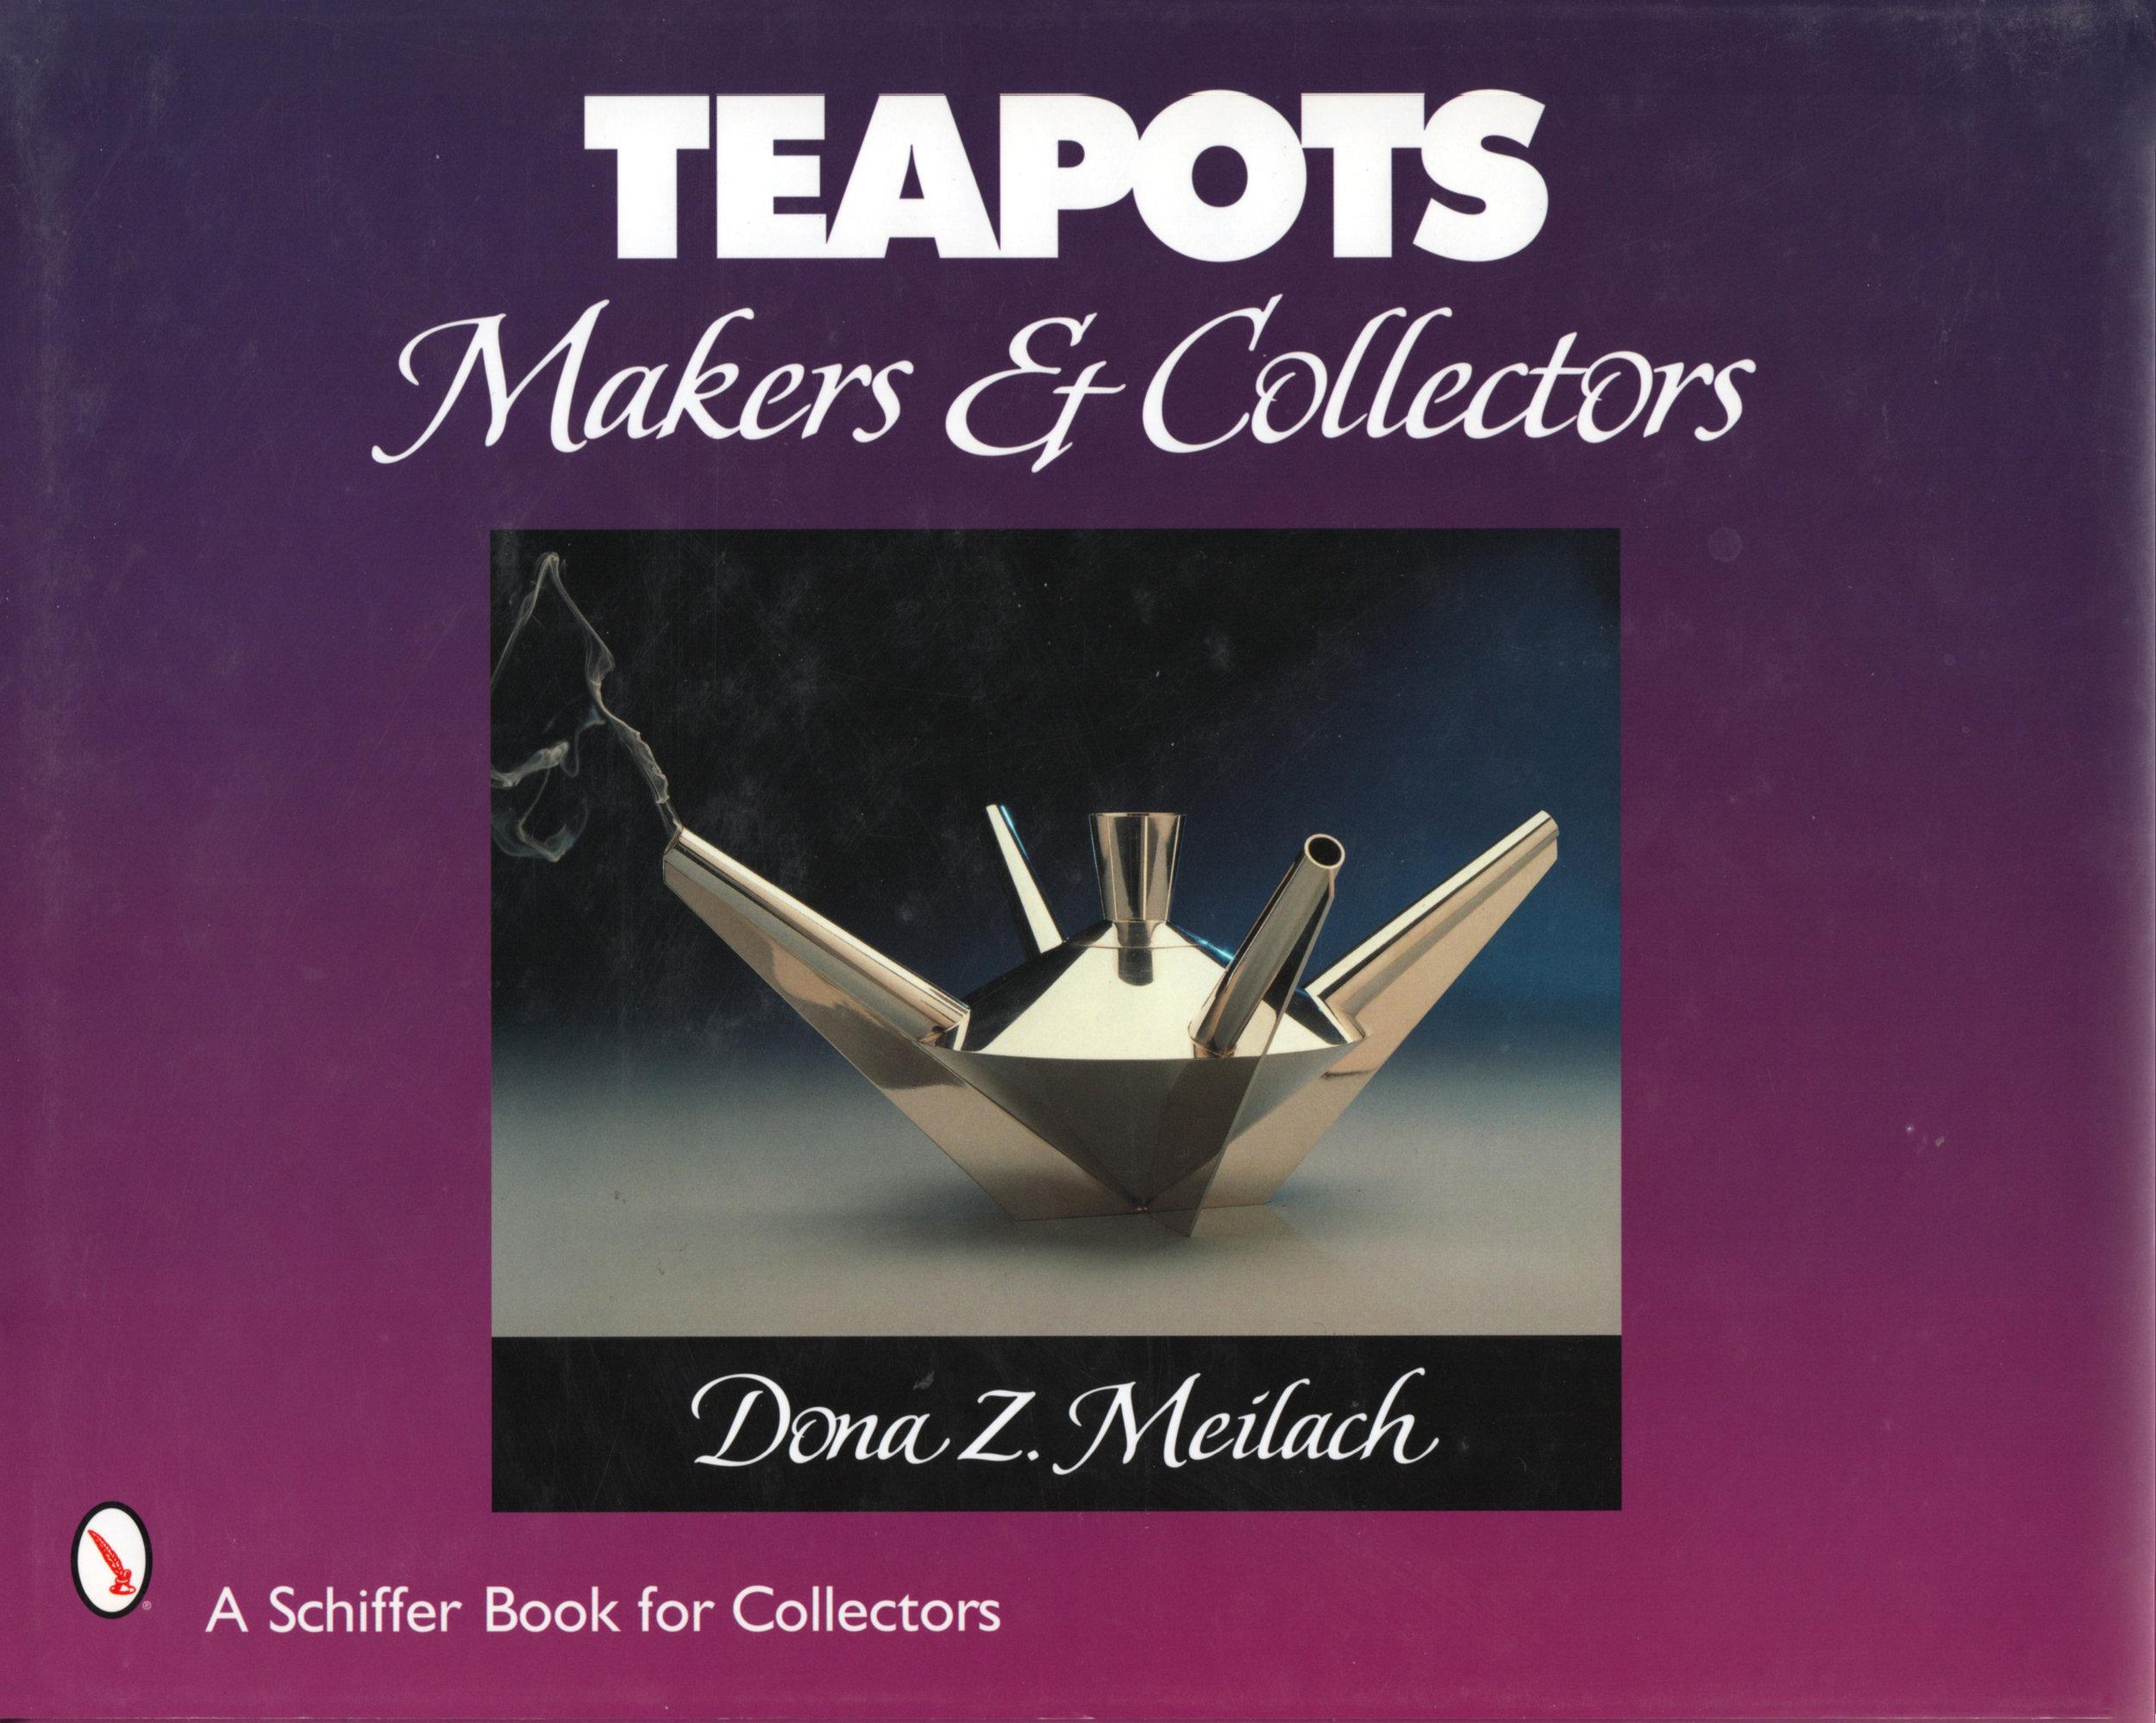 Teapots: Makers & Collectors